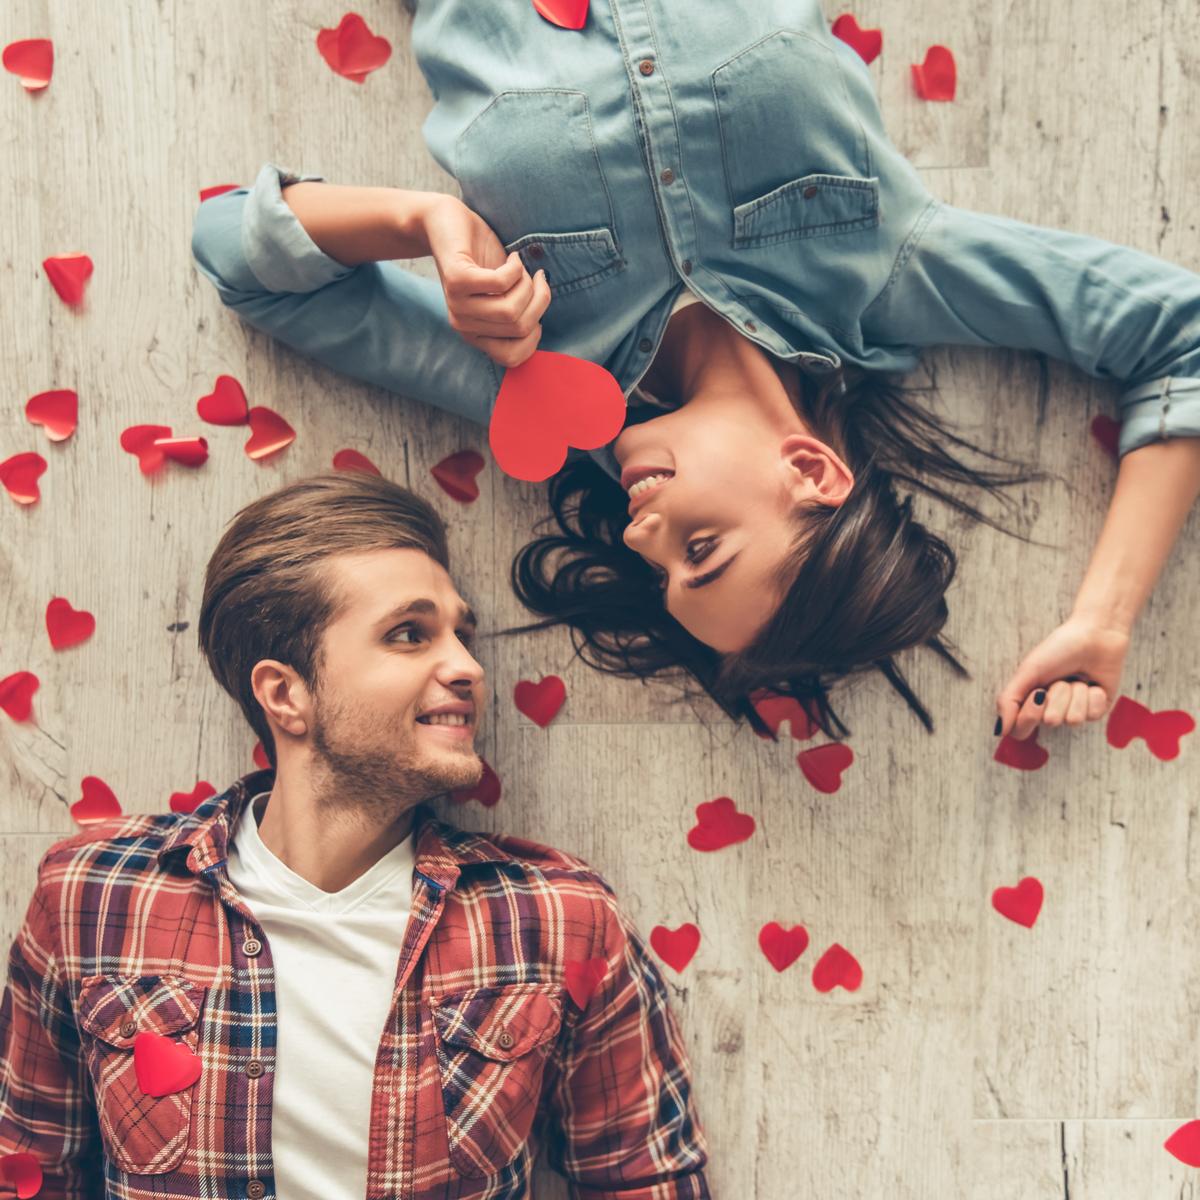 仲良し夫婦の特徴11選と秘訣!ラブラブで仲のいい夫婦になるには?のサムネイル画像